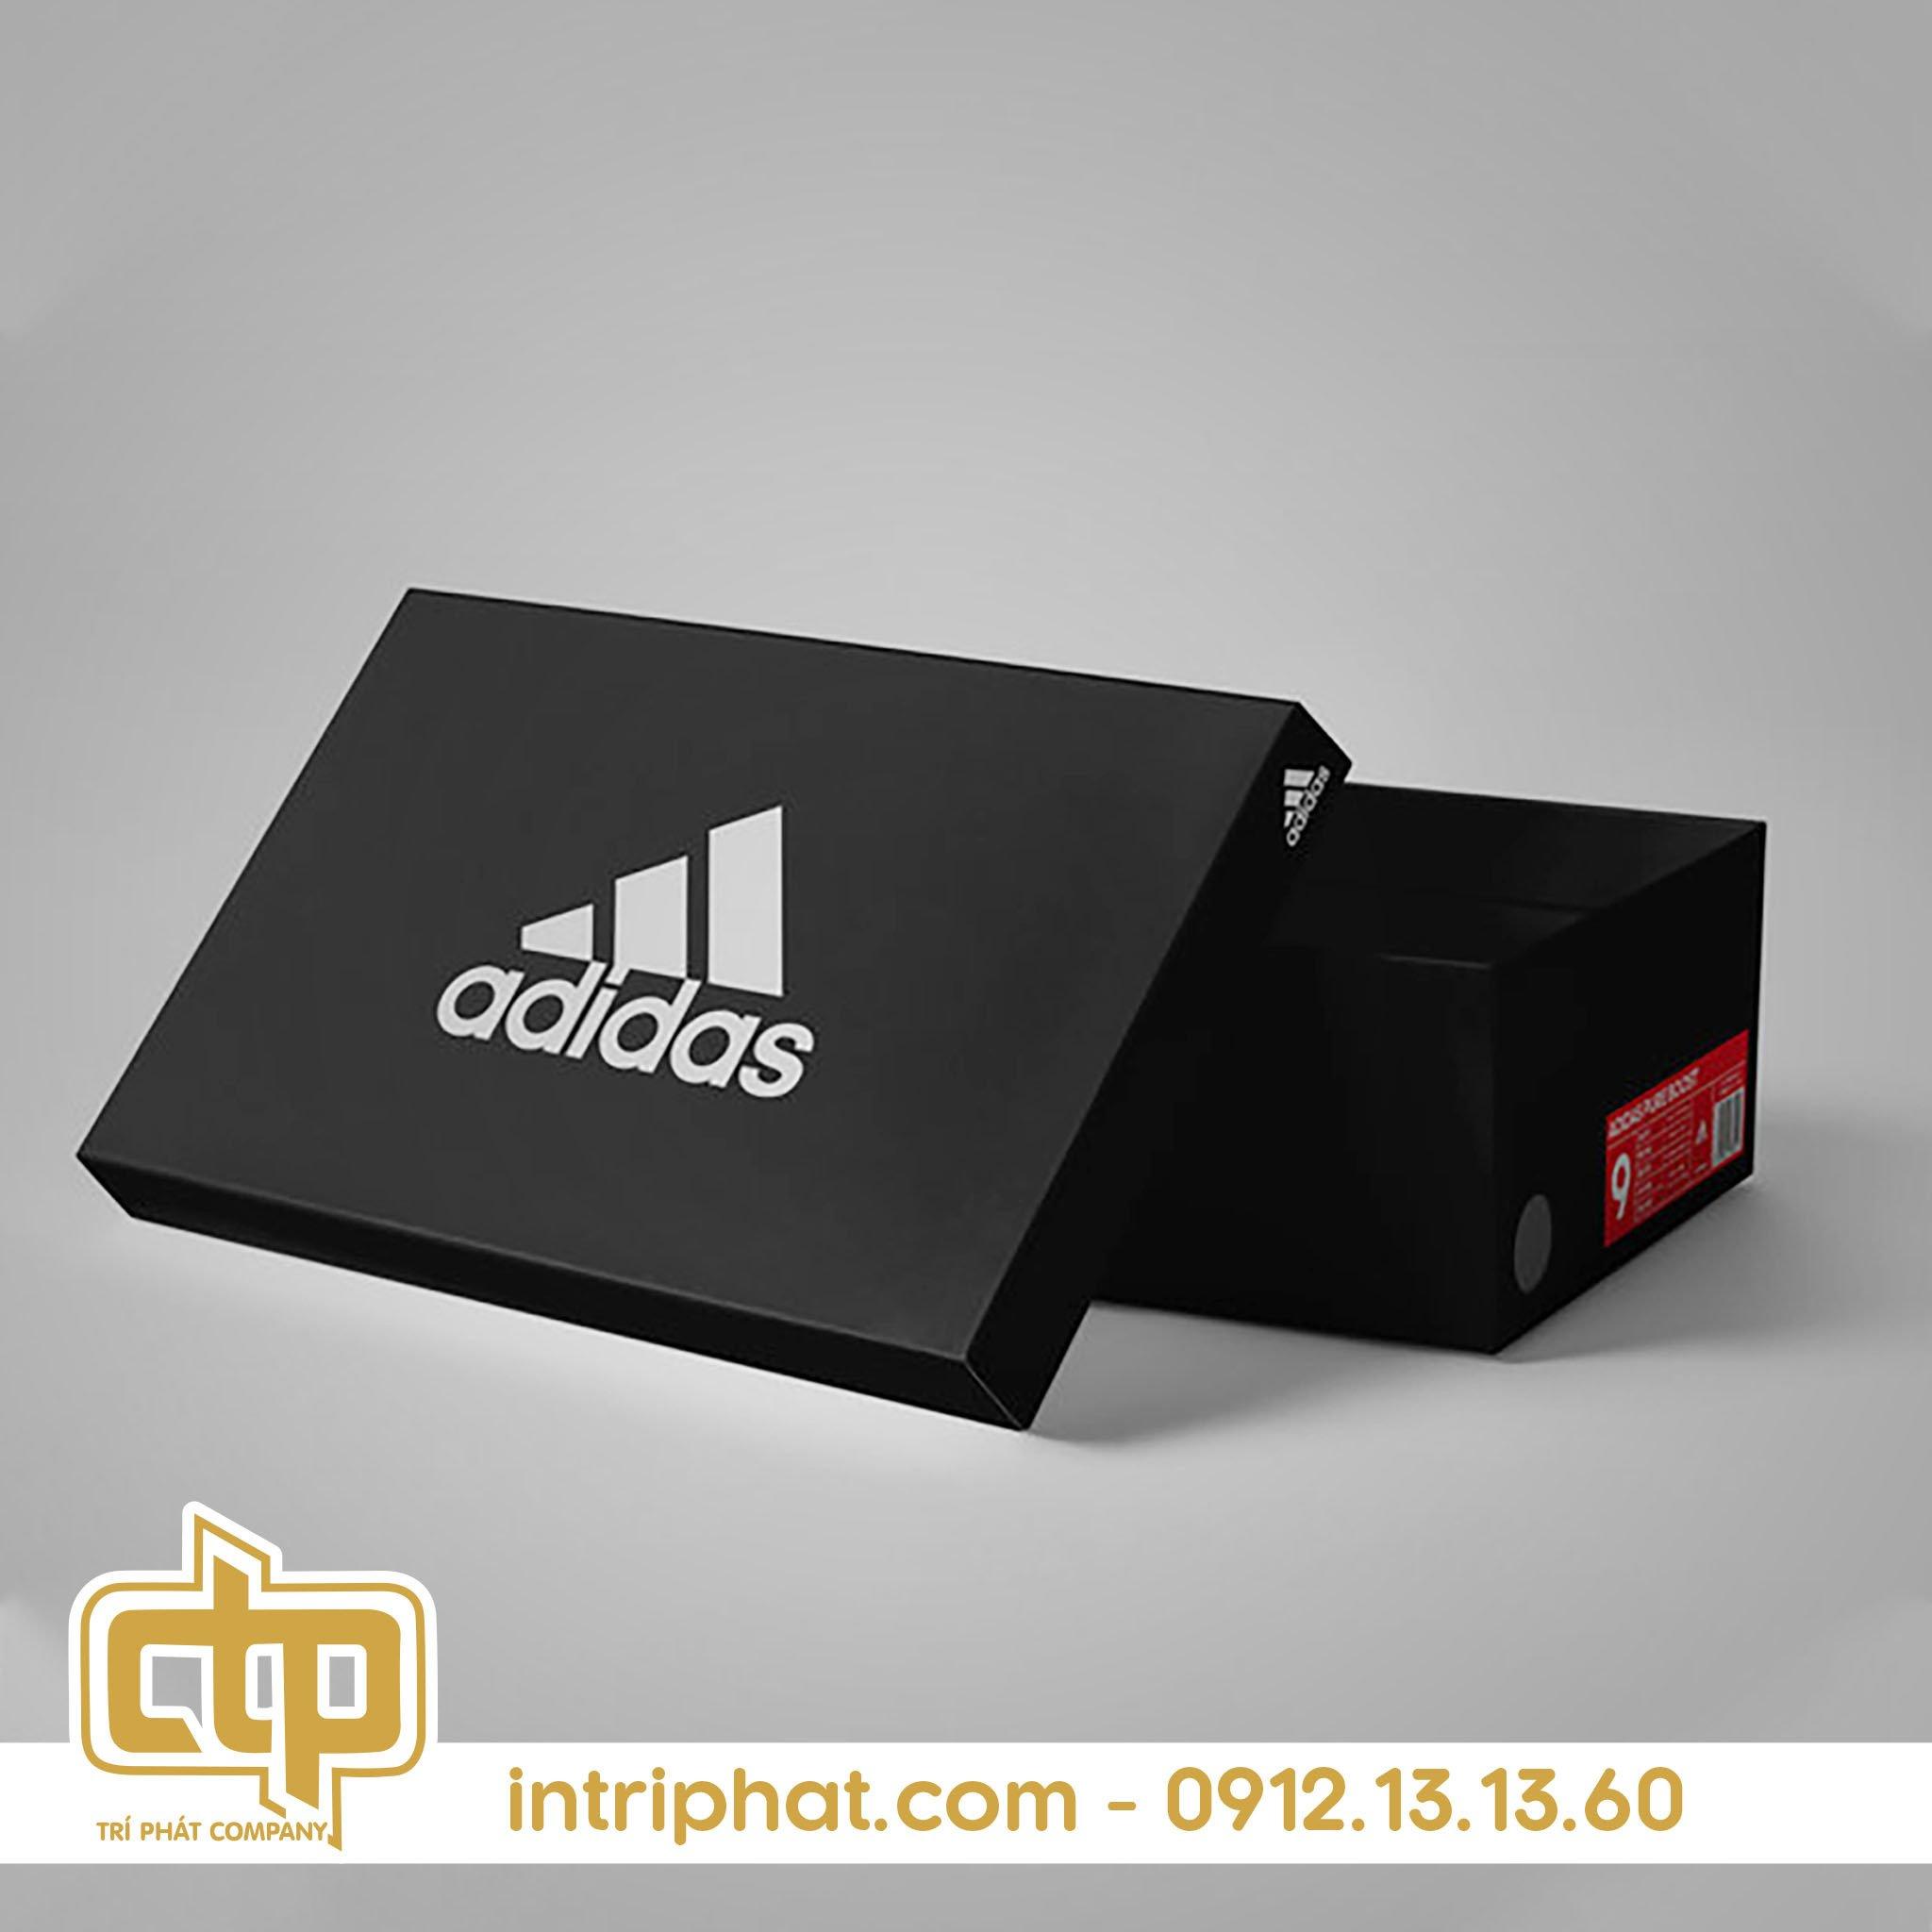 Mẫu hộp giấy đựng giày đẹp giá rẻ